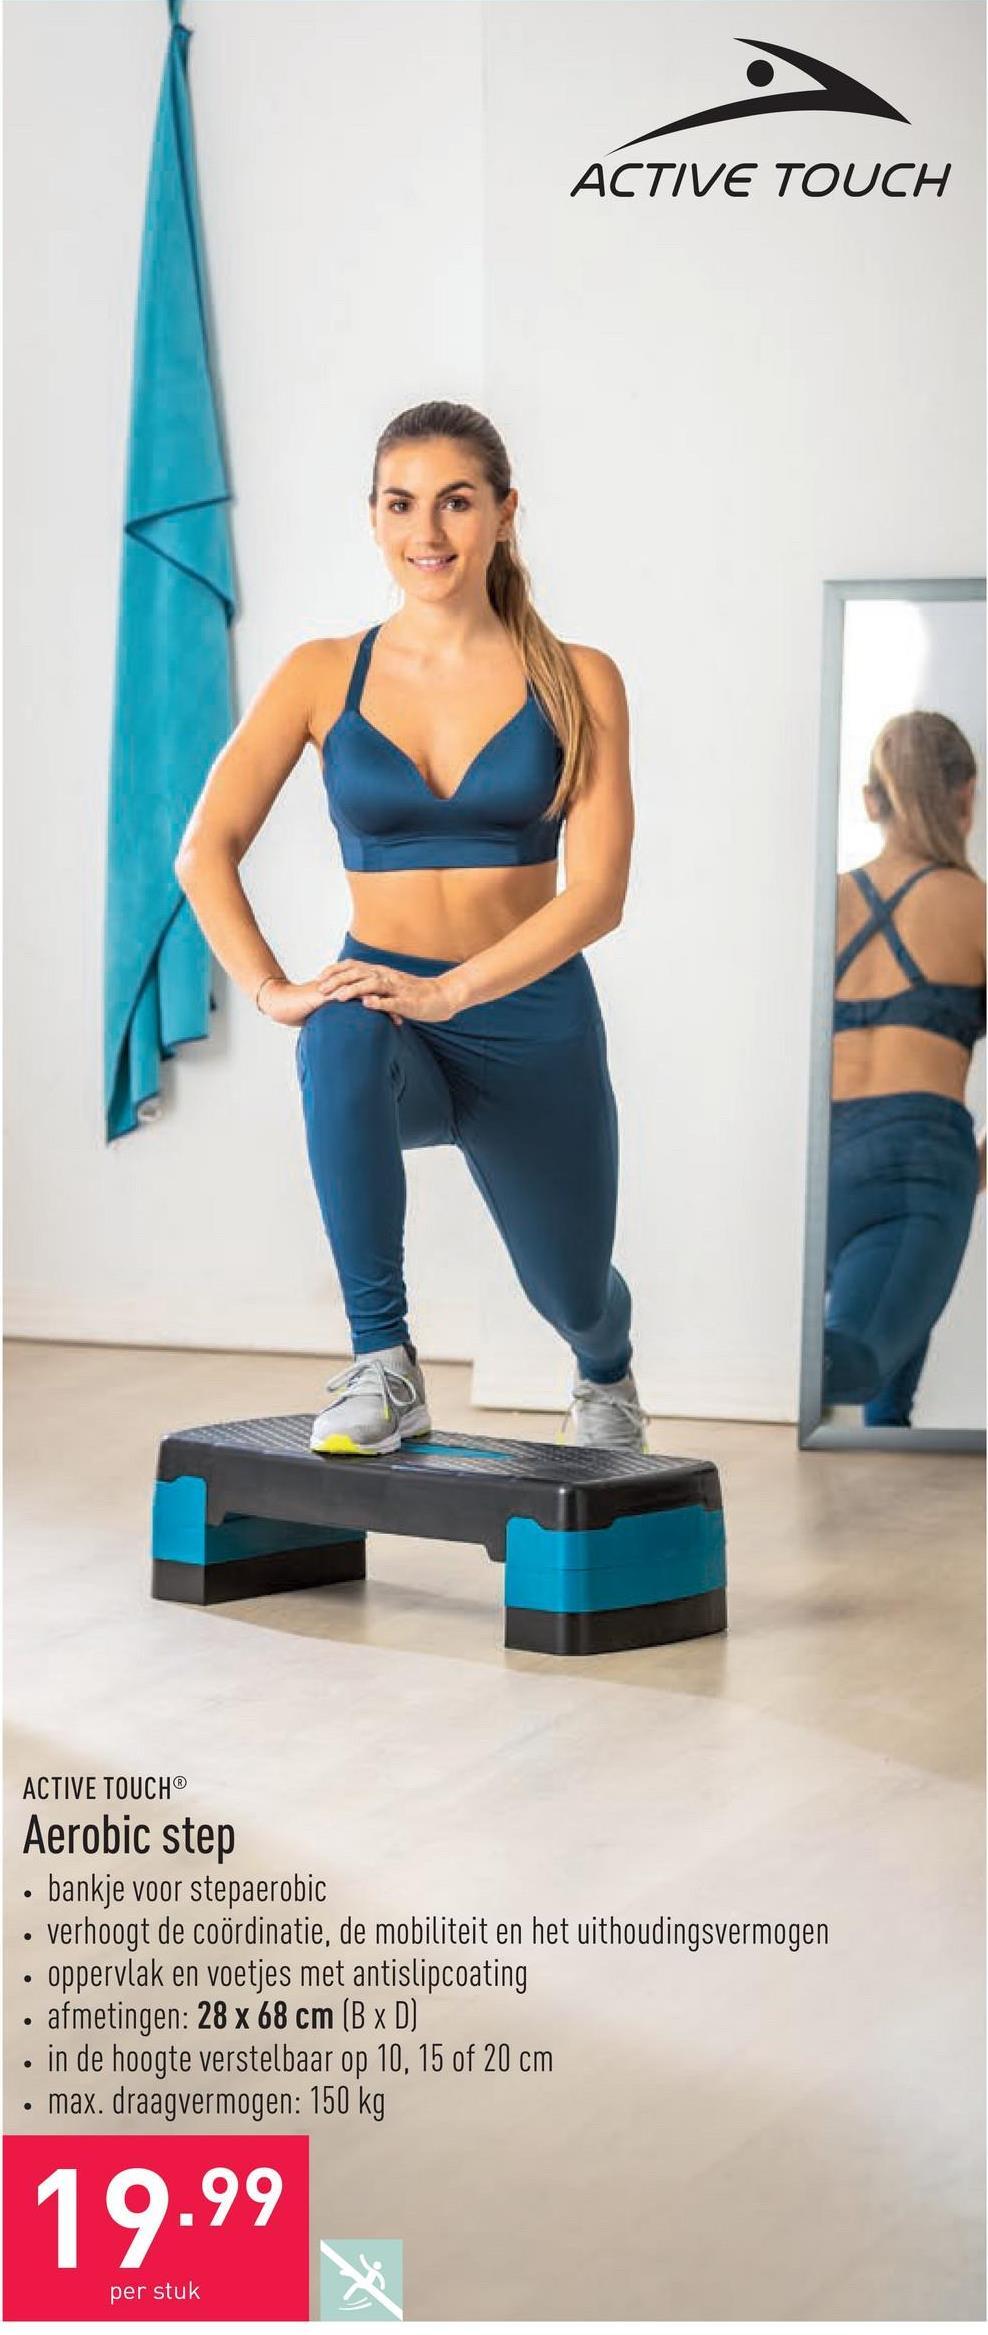 Aerobic step bankje voor stepaerobicverhoogt de coördinatie, de mobiliteit en het uithoudingsvermogenoppervlak en voetjes met antislipcoatingafmetingen: 28 x 68 cm (B x D)in de hoogte verstelbaar op 10, 15 of 20 cmmax. draagvermogen: 150 kg